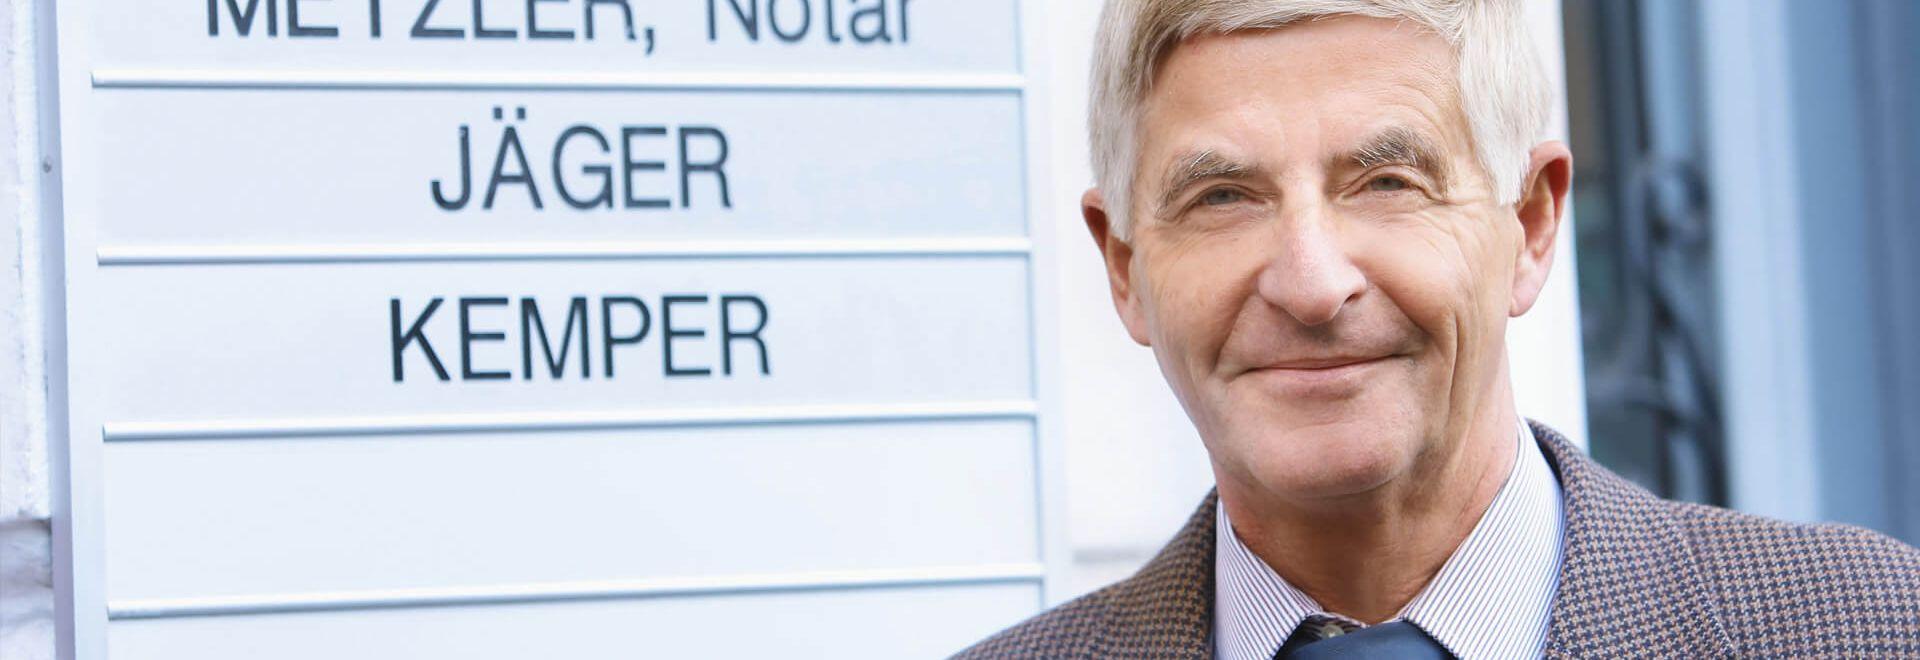 Rechtsanwalt und Notar Bruno Metzler vor der Kanzlei